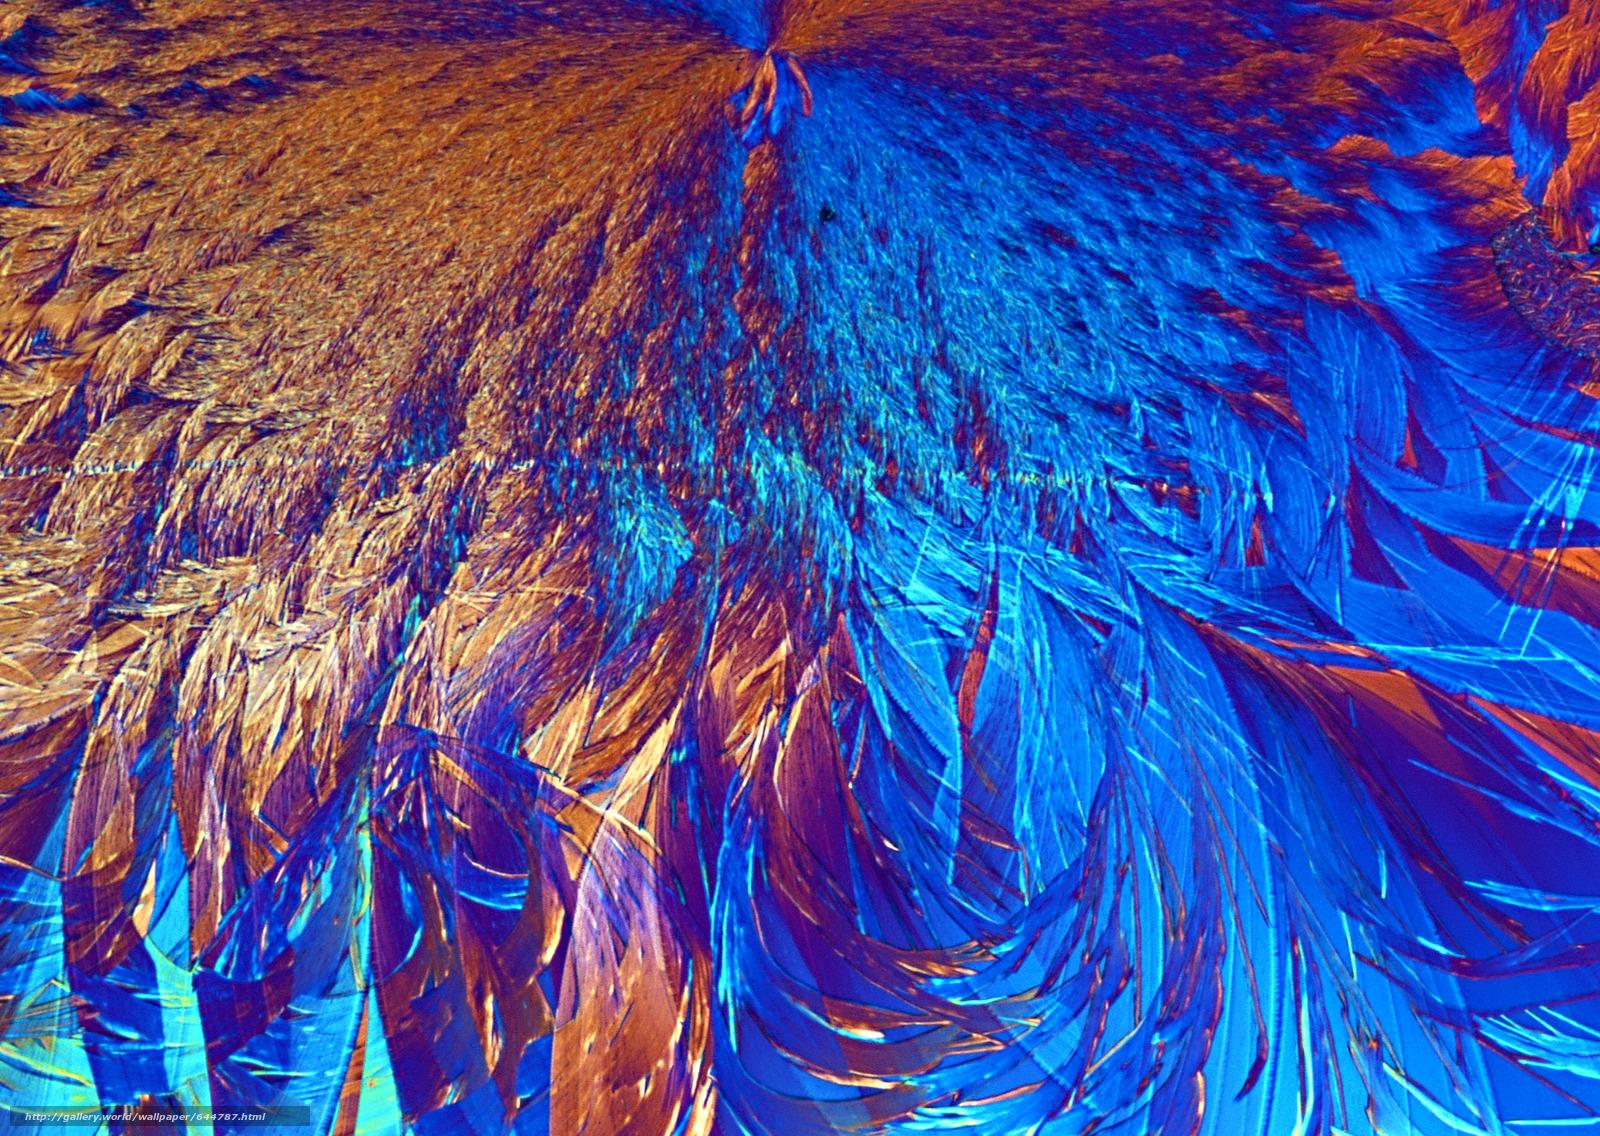 Descargar gratis cristales bajo el microscopio,  cristal,  microscopio,  aumentar Fondos de escritorio en la resolucin 2950x2094 — imagen №644787